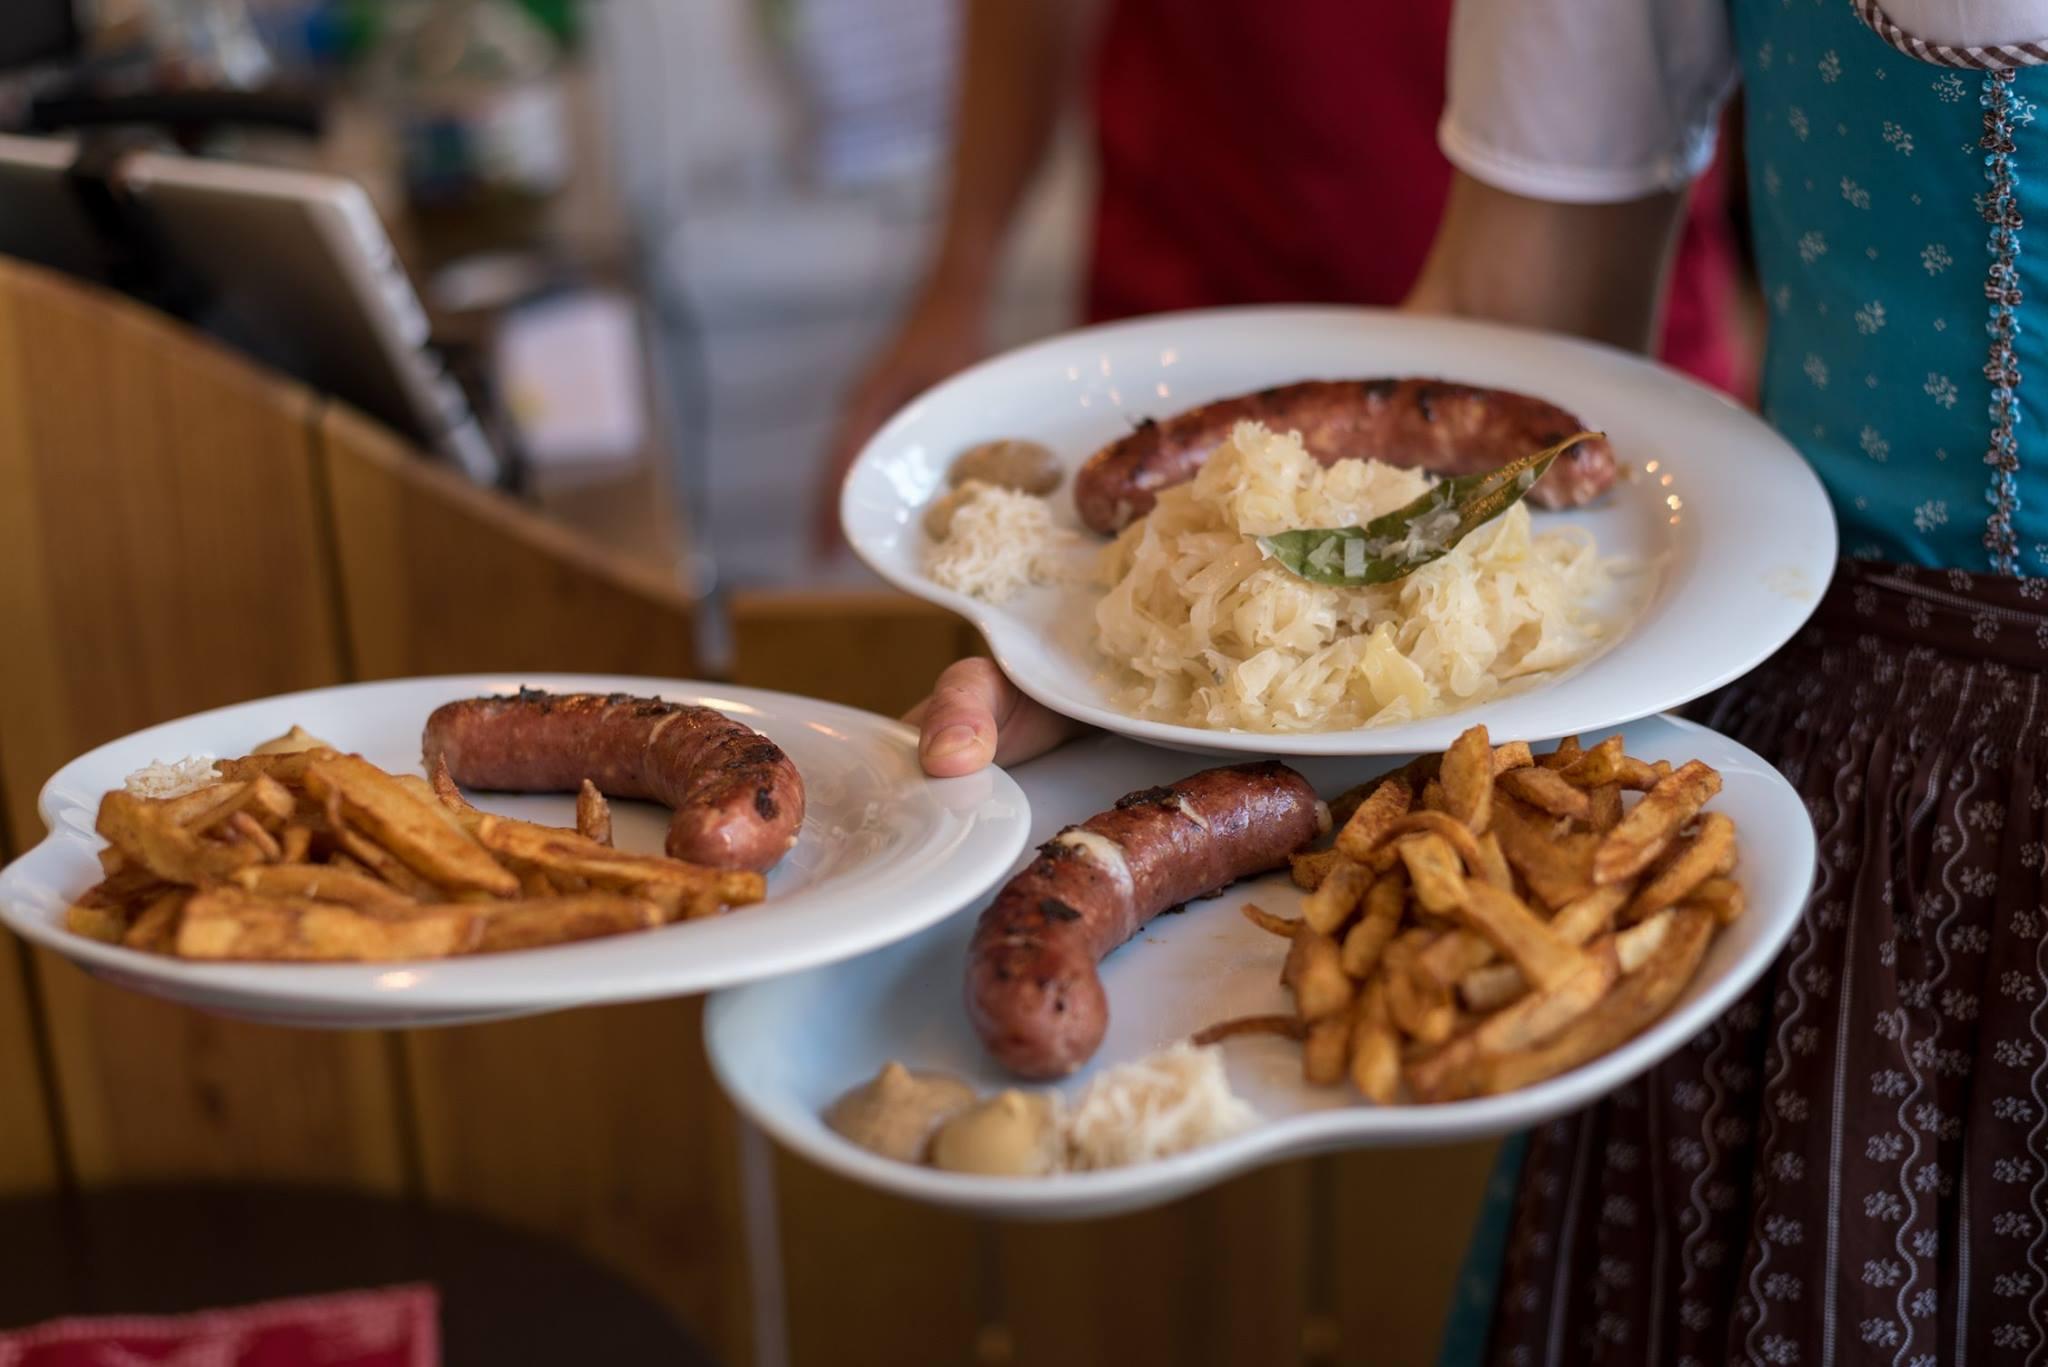 Wurst - Plats avec saucisses autrichiennes - Street Food - Lisbonne